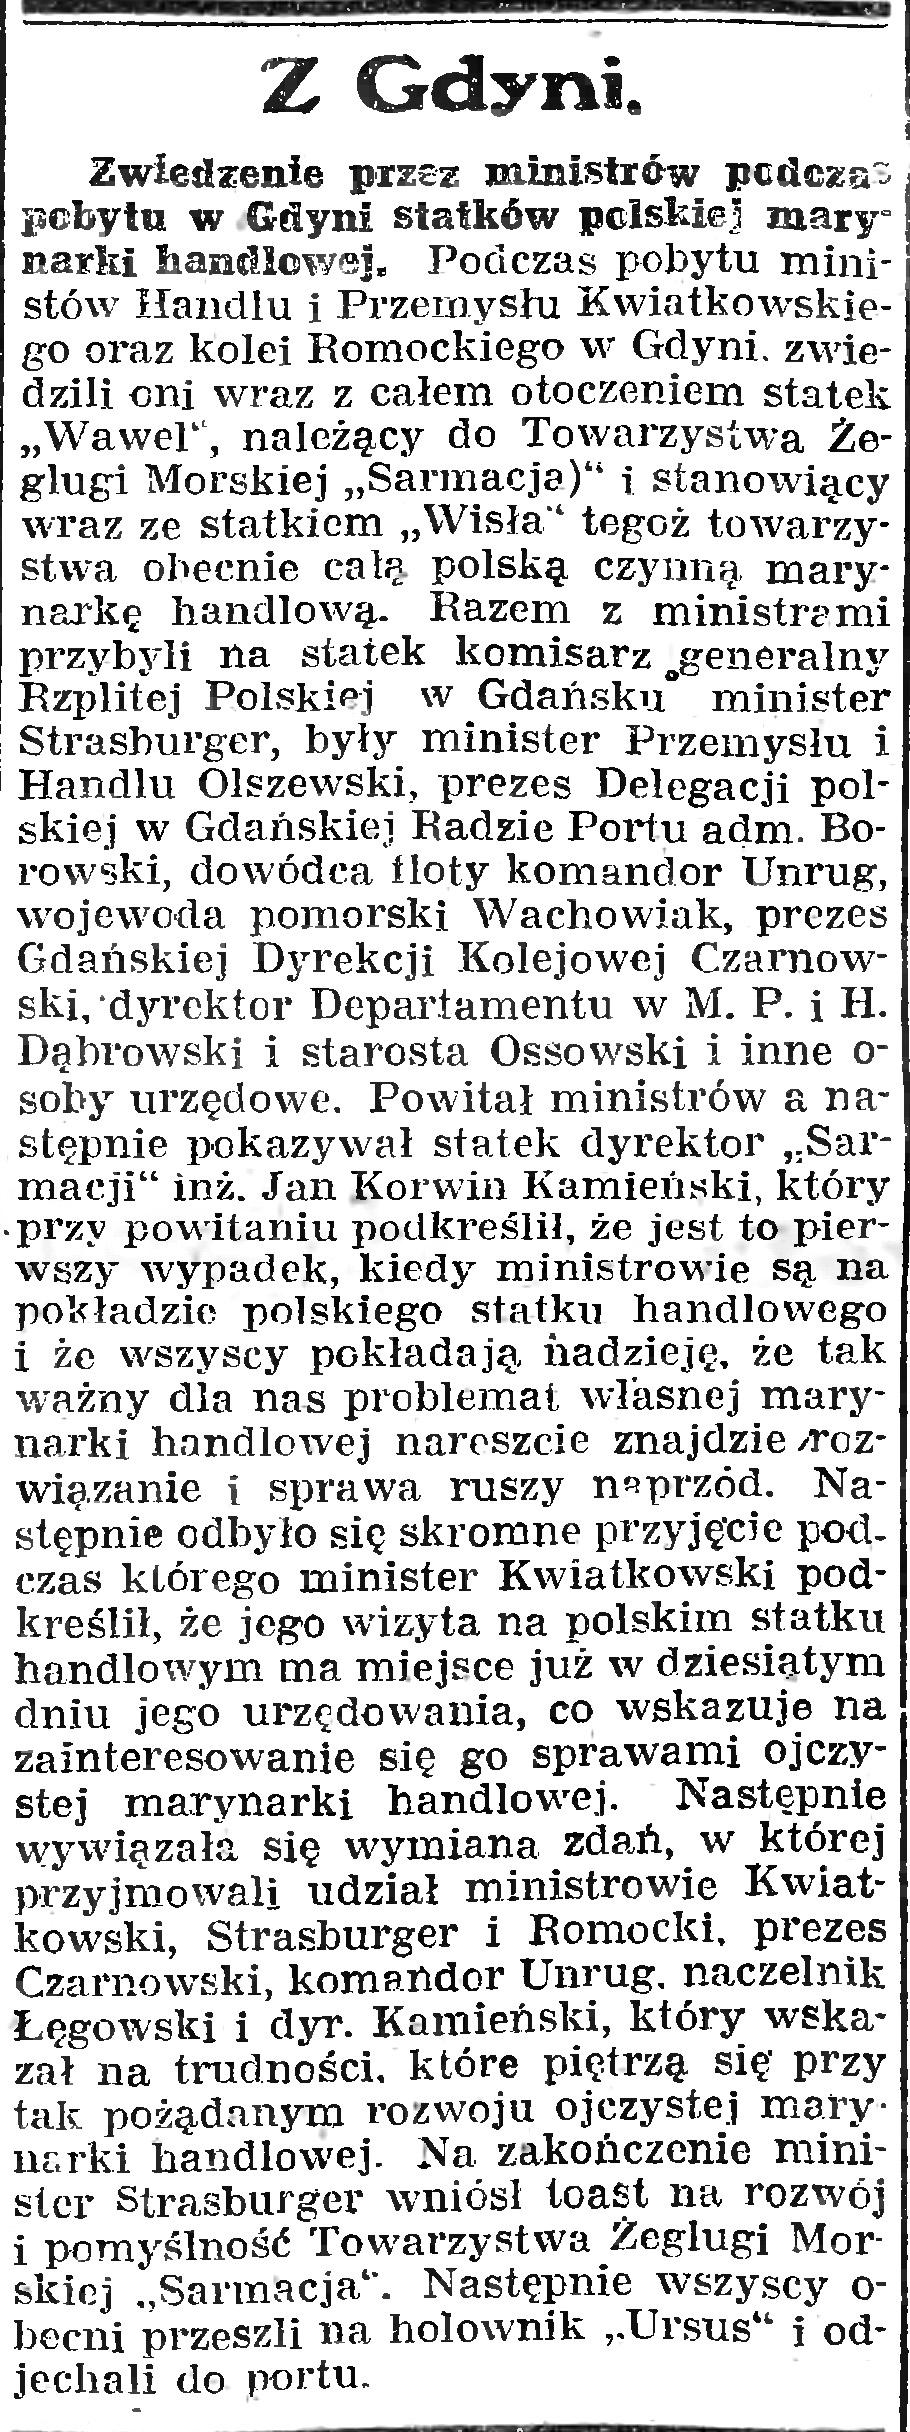 Zwiedzanie przez ministrów podczas pobytu w Gdyni statków polskiej marynarki handlowej // Gazeta Gdańska. - 1926, nr 142, s. 7